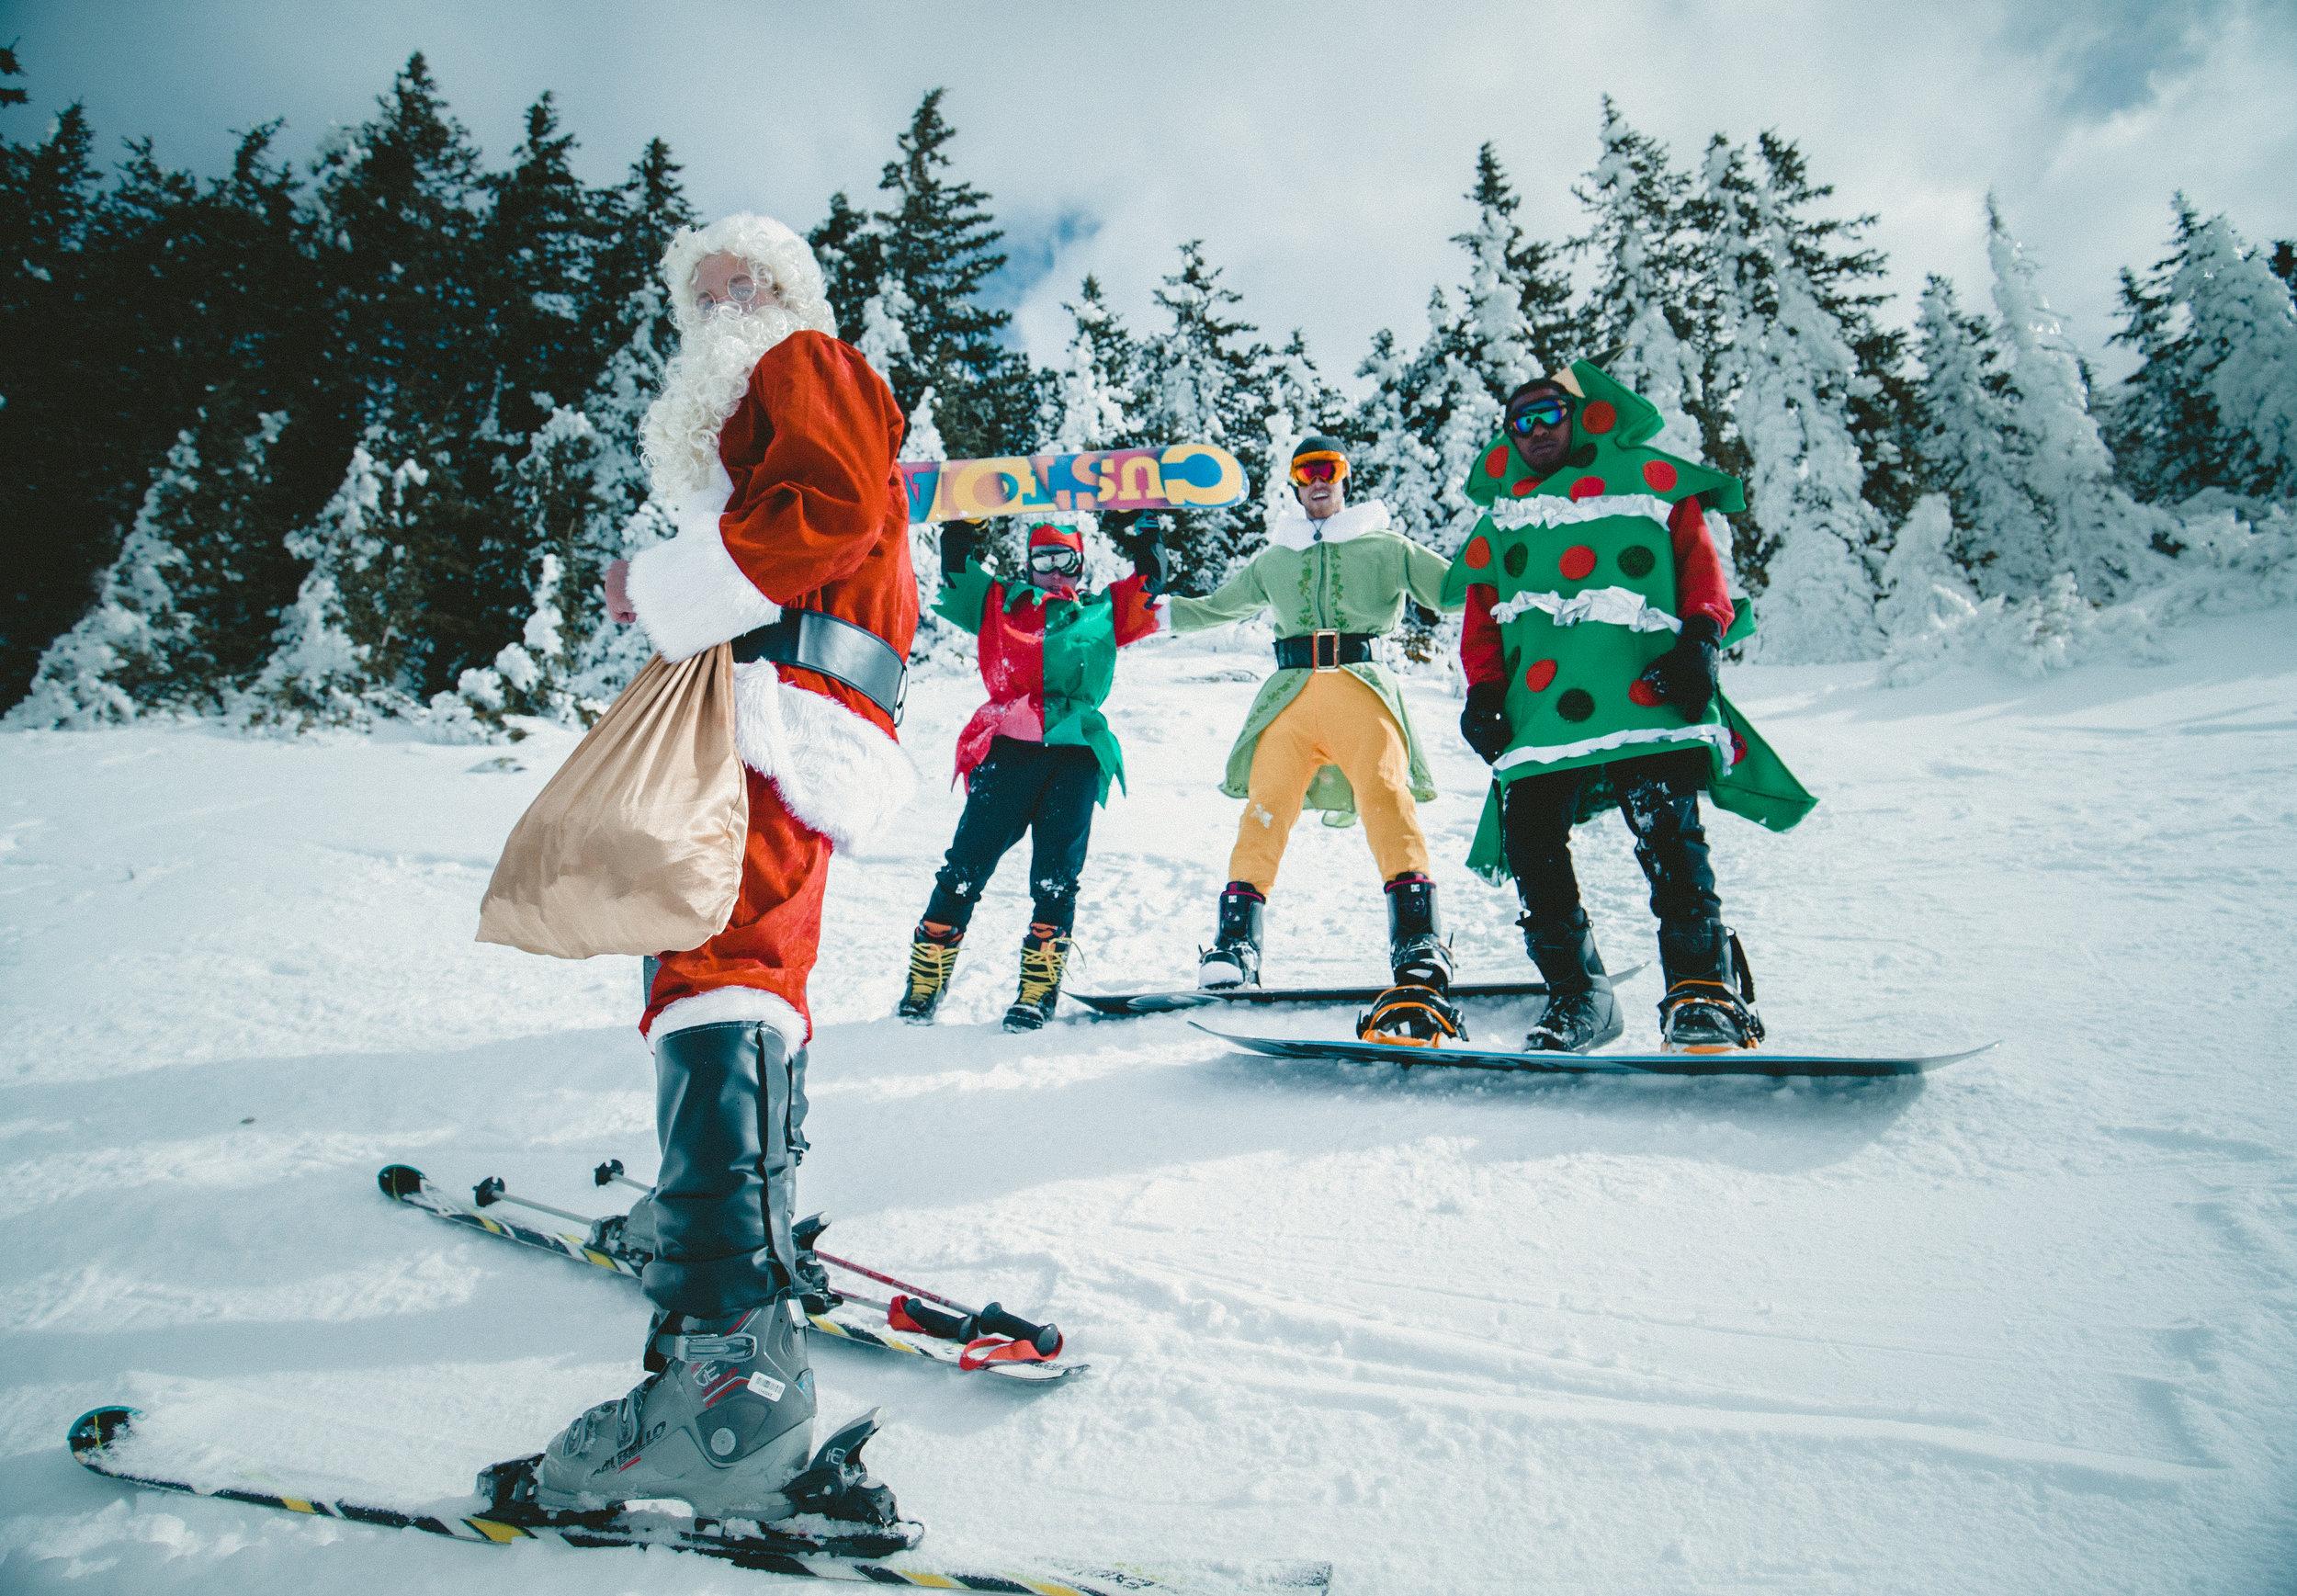 Aventura - No todo son ciudades, existen destinos que tienen mucho que ofrecer fuera de los cascos urbanos. Actividades como snowboarding, esquiar y disfrutar en pueblos hermosos rodeados de montañas pueden ser una fórmula perfecta especialmente cuando vas en grupo o familia. Muchos de estos destinos tienen excelentes ofertas gastronómicas en navidades.